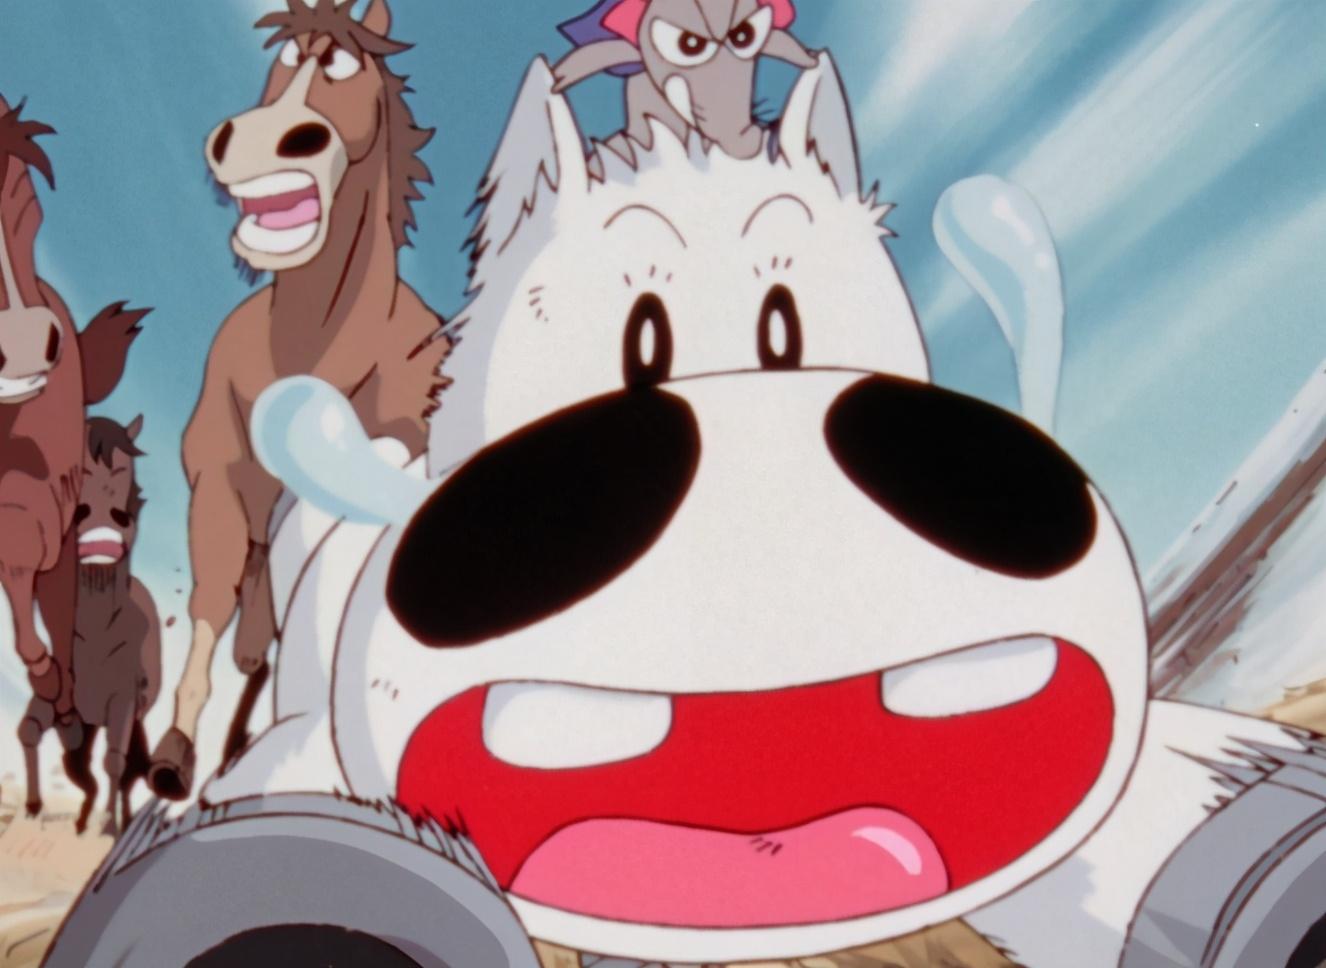 說到馬你會想到哪個角色?日媒投票動畫中登場過關於馬的角色排行